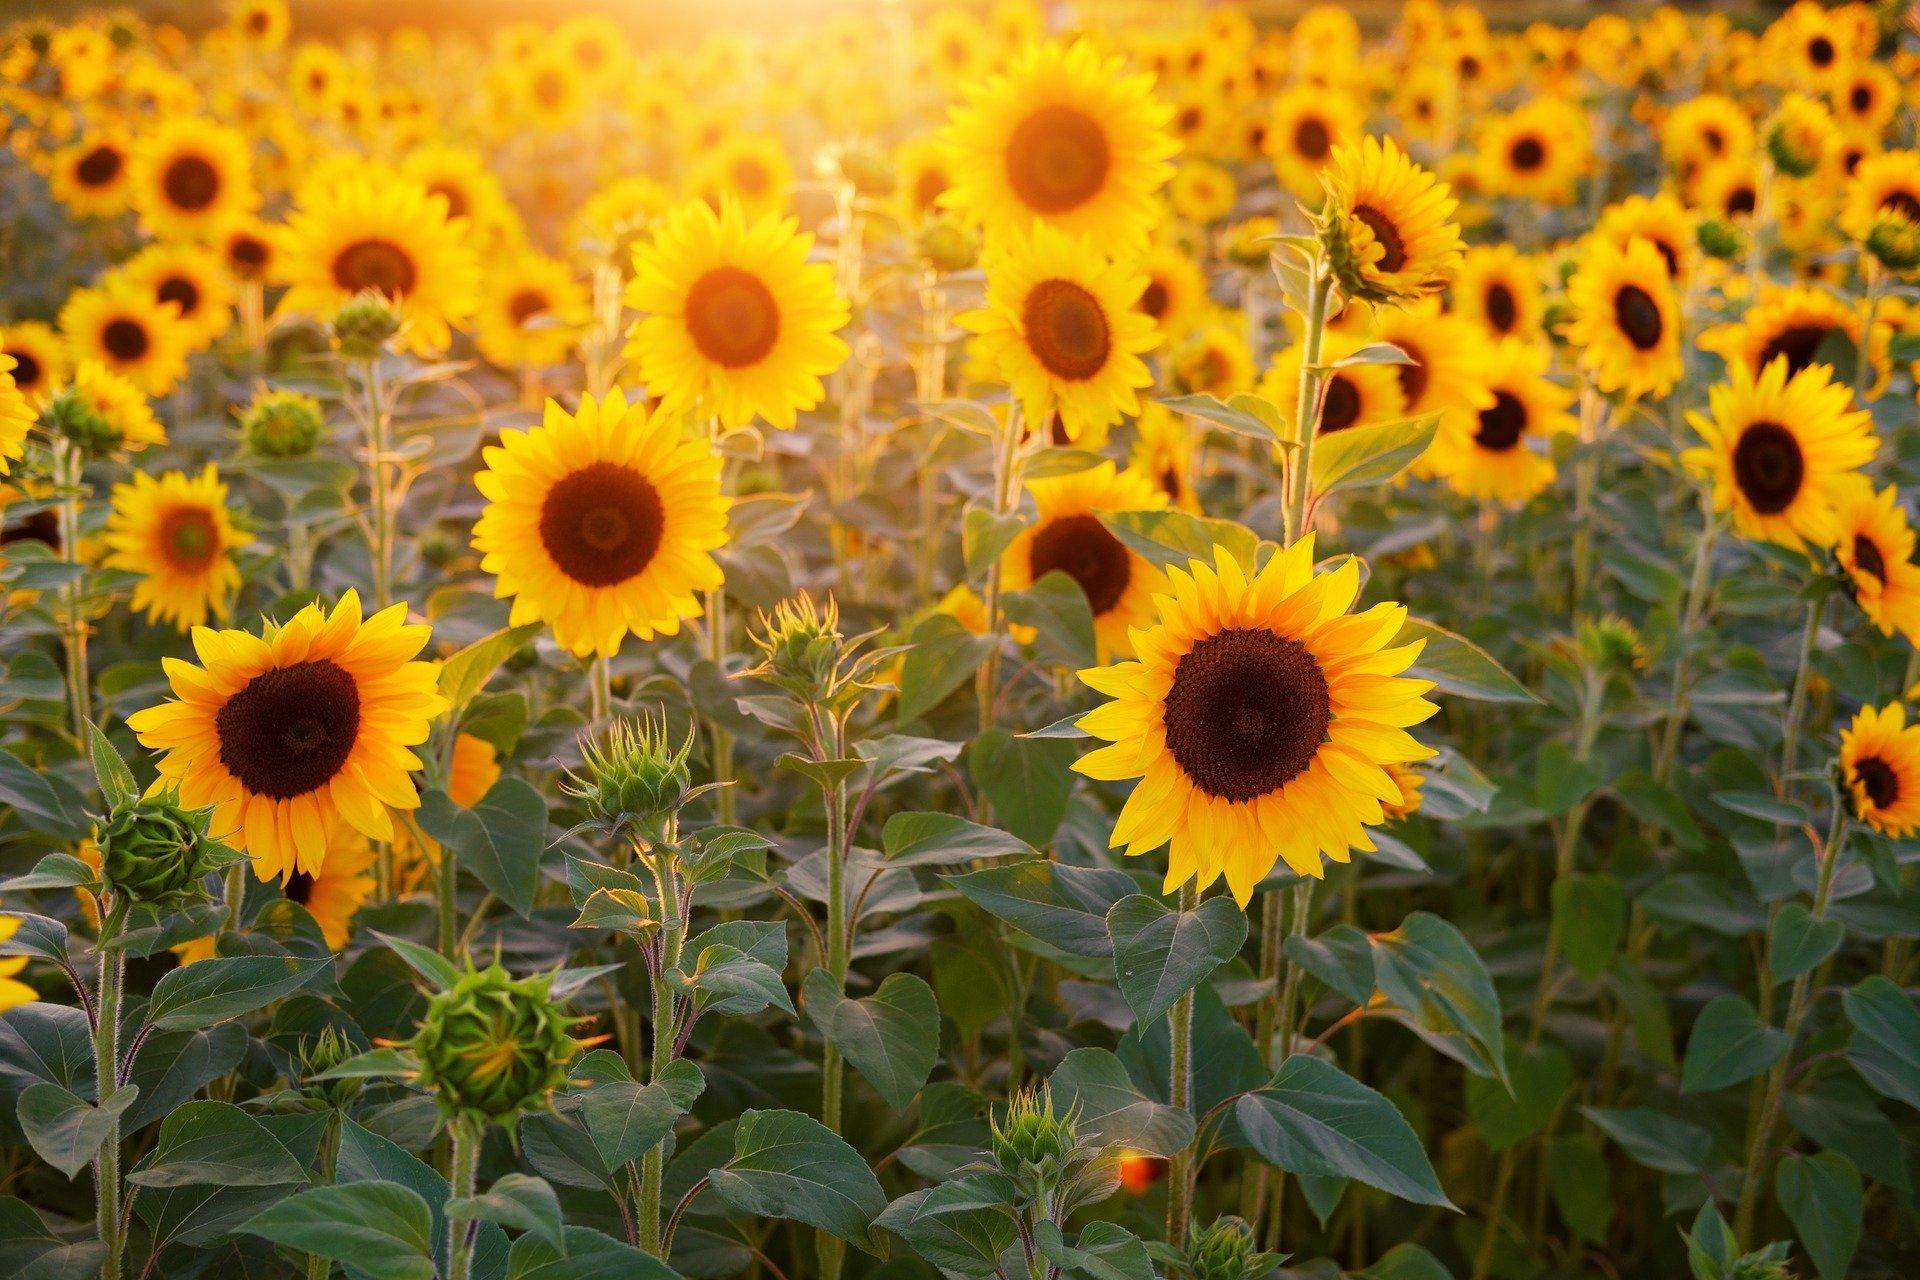 cantidad, ingles, girasol, sunflower, much, many, lot, myriad